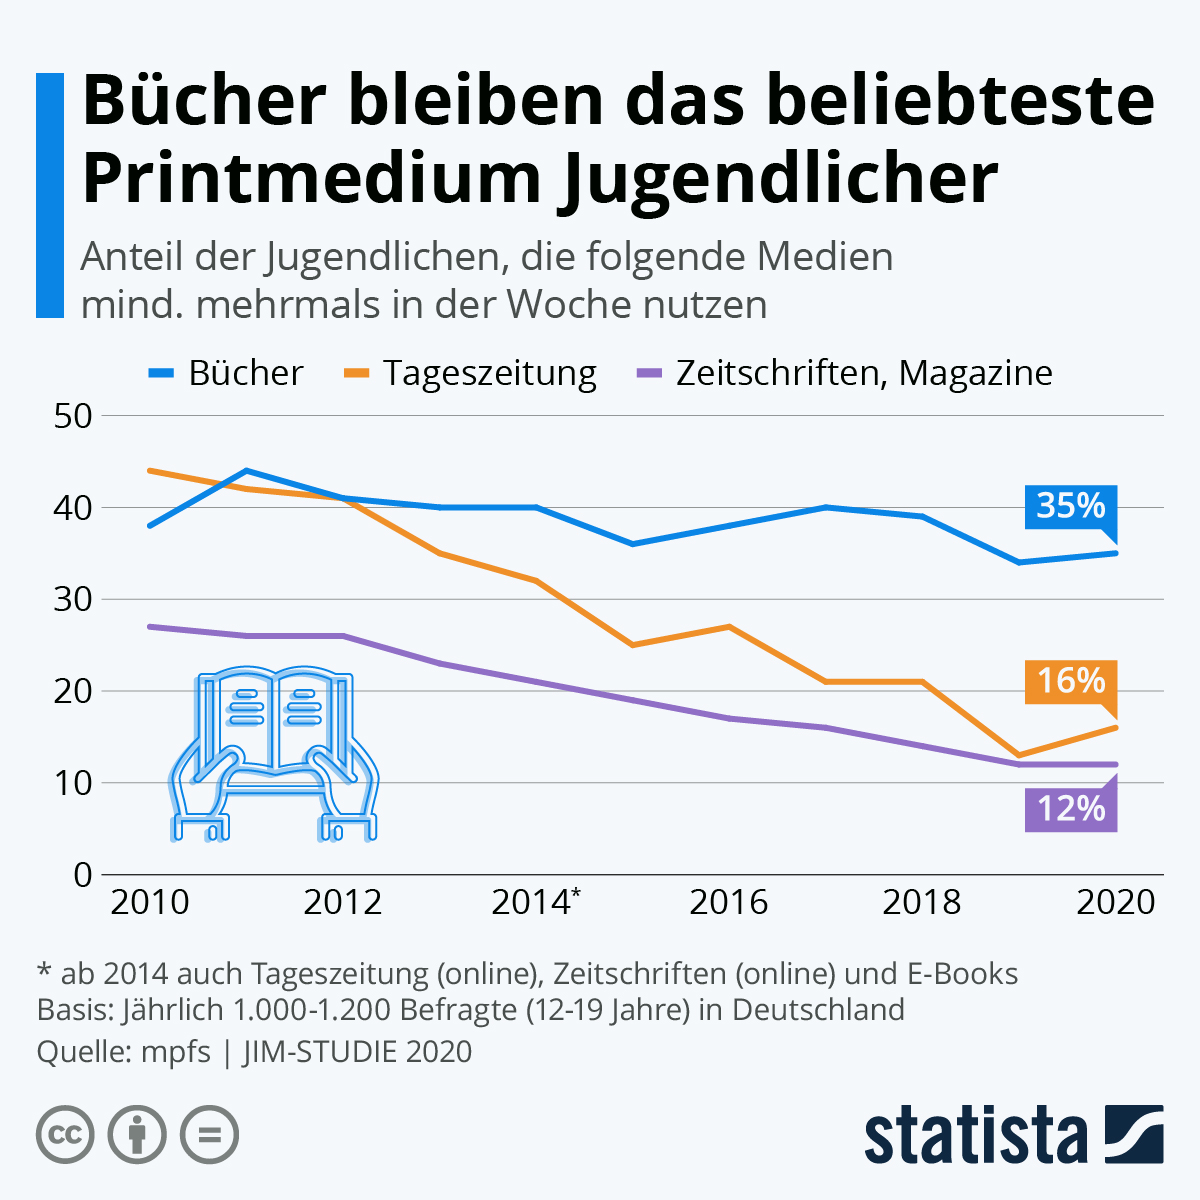 Infografik: Bücher bleiben das beliebteste Printmedium Jugendlicher | Statista